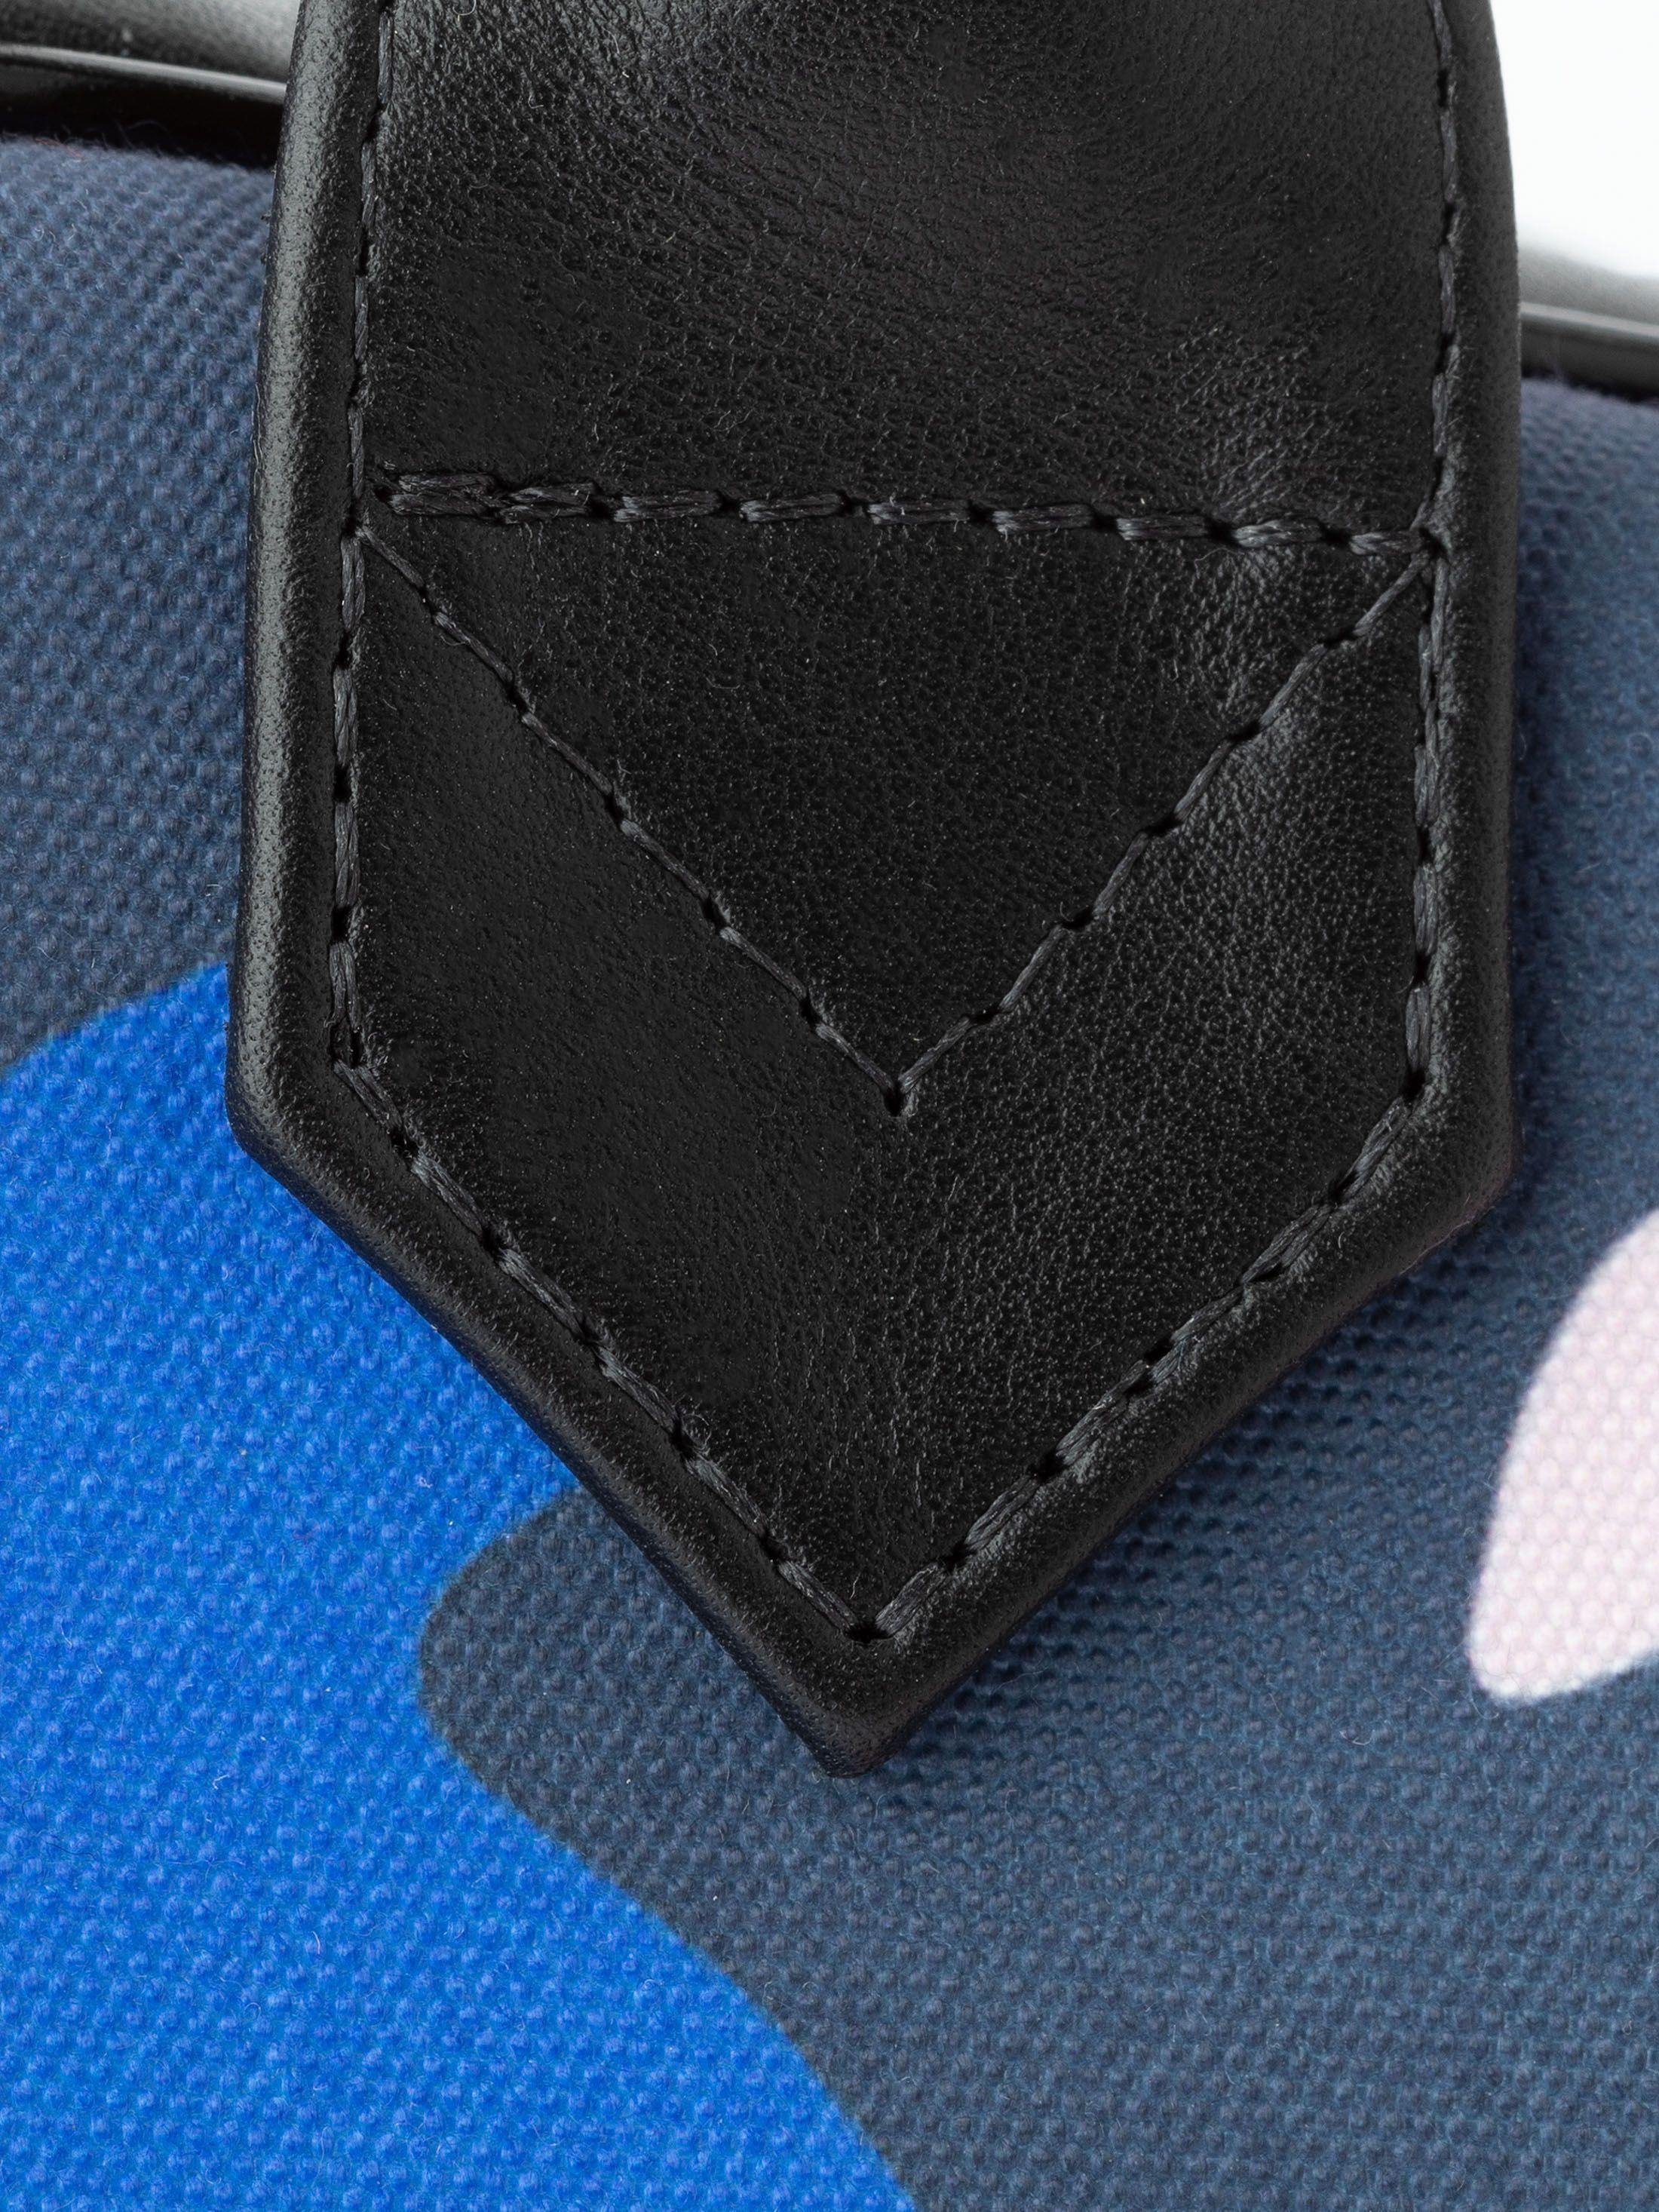 designa din egen holdall-väska